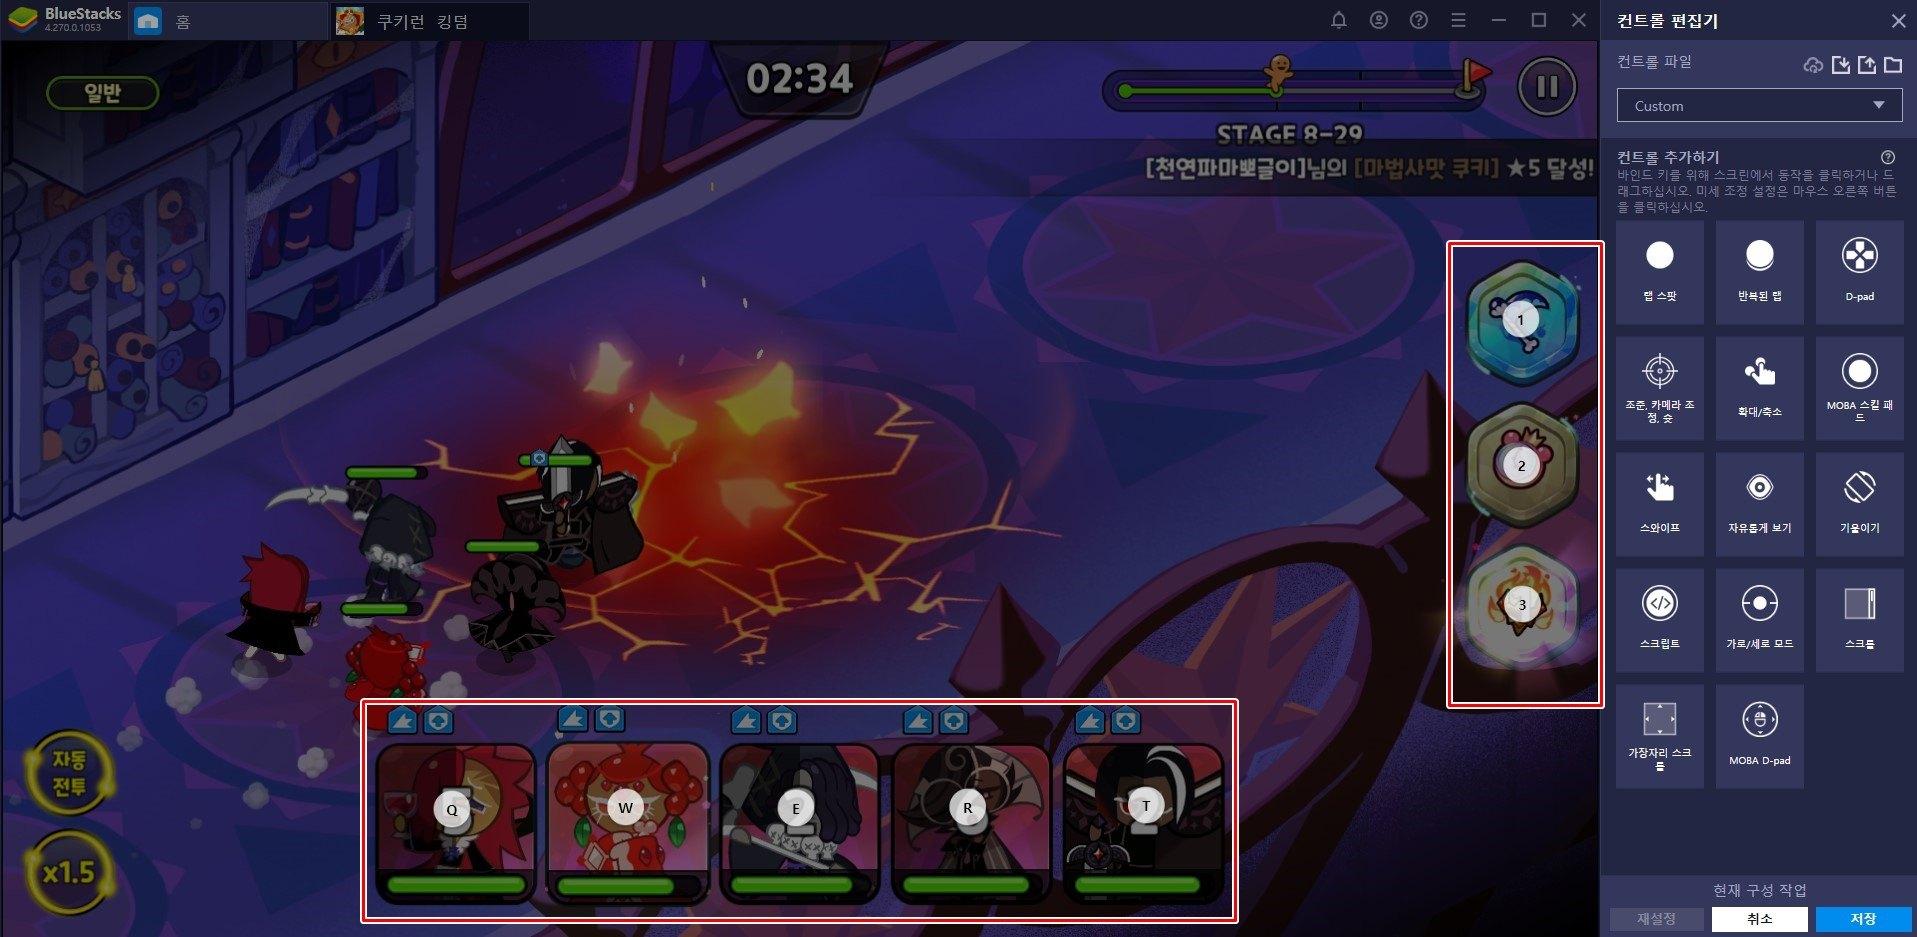 쿠키런: 킹덤에서 더 효율적인 전투를 원한다면? PC로 블루스택의 키매핑 기능을 활용해봐요!